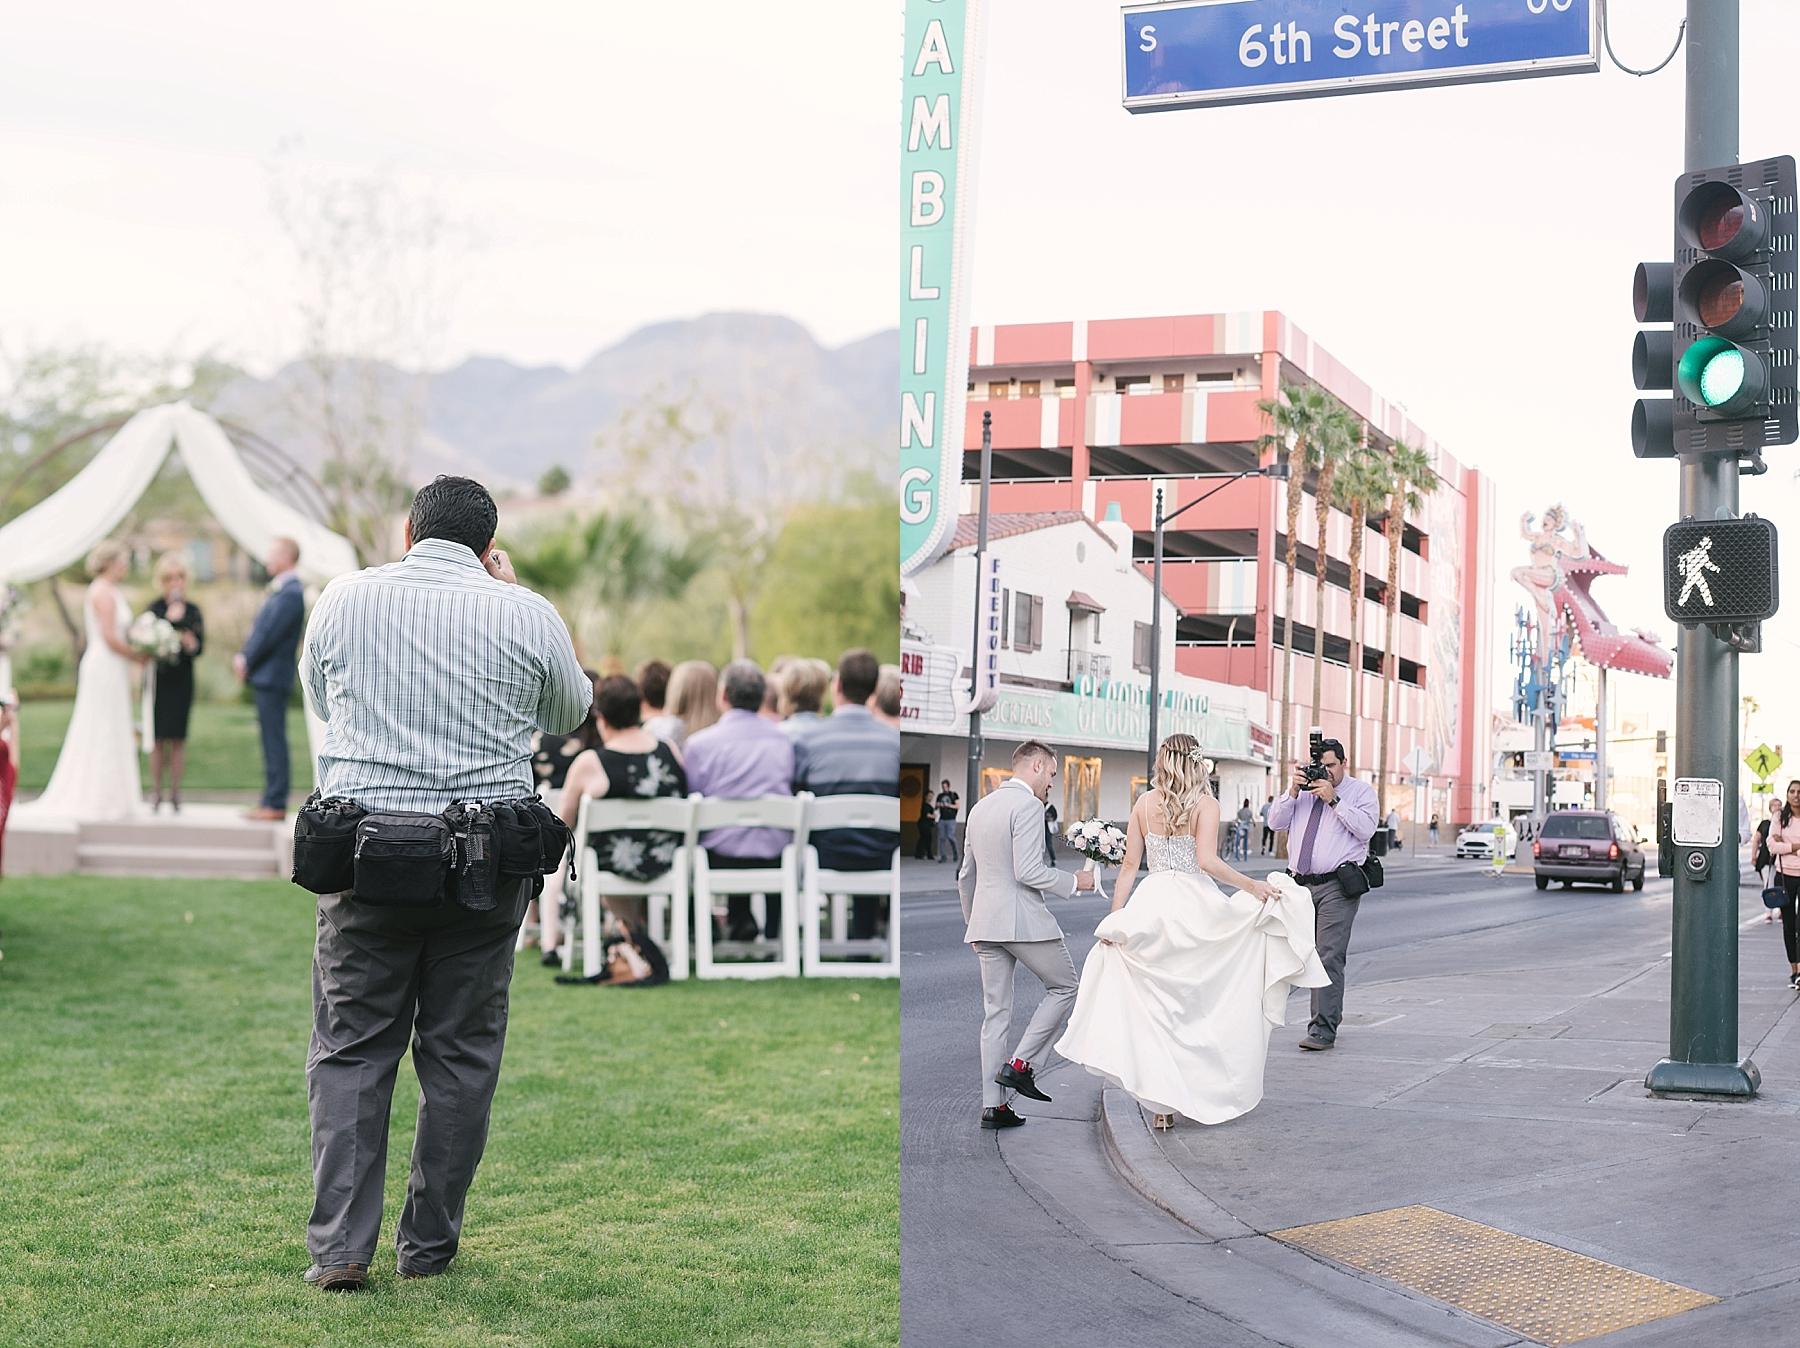 las_vegas_wedding_photographers_behind_the_scenes-02-3.jpg